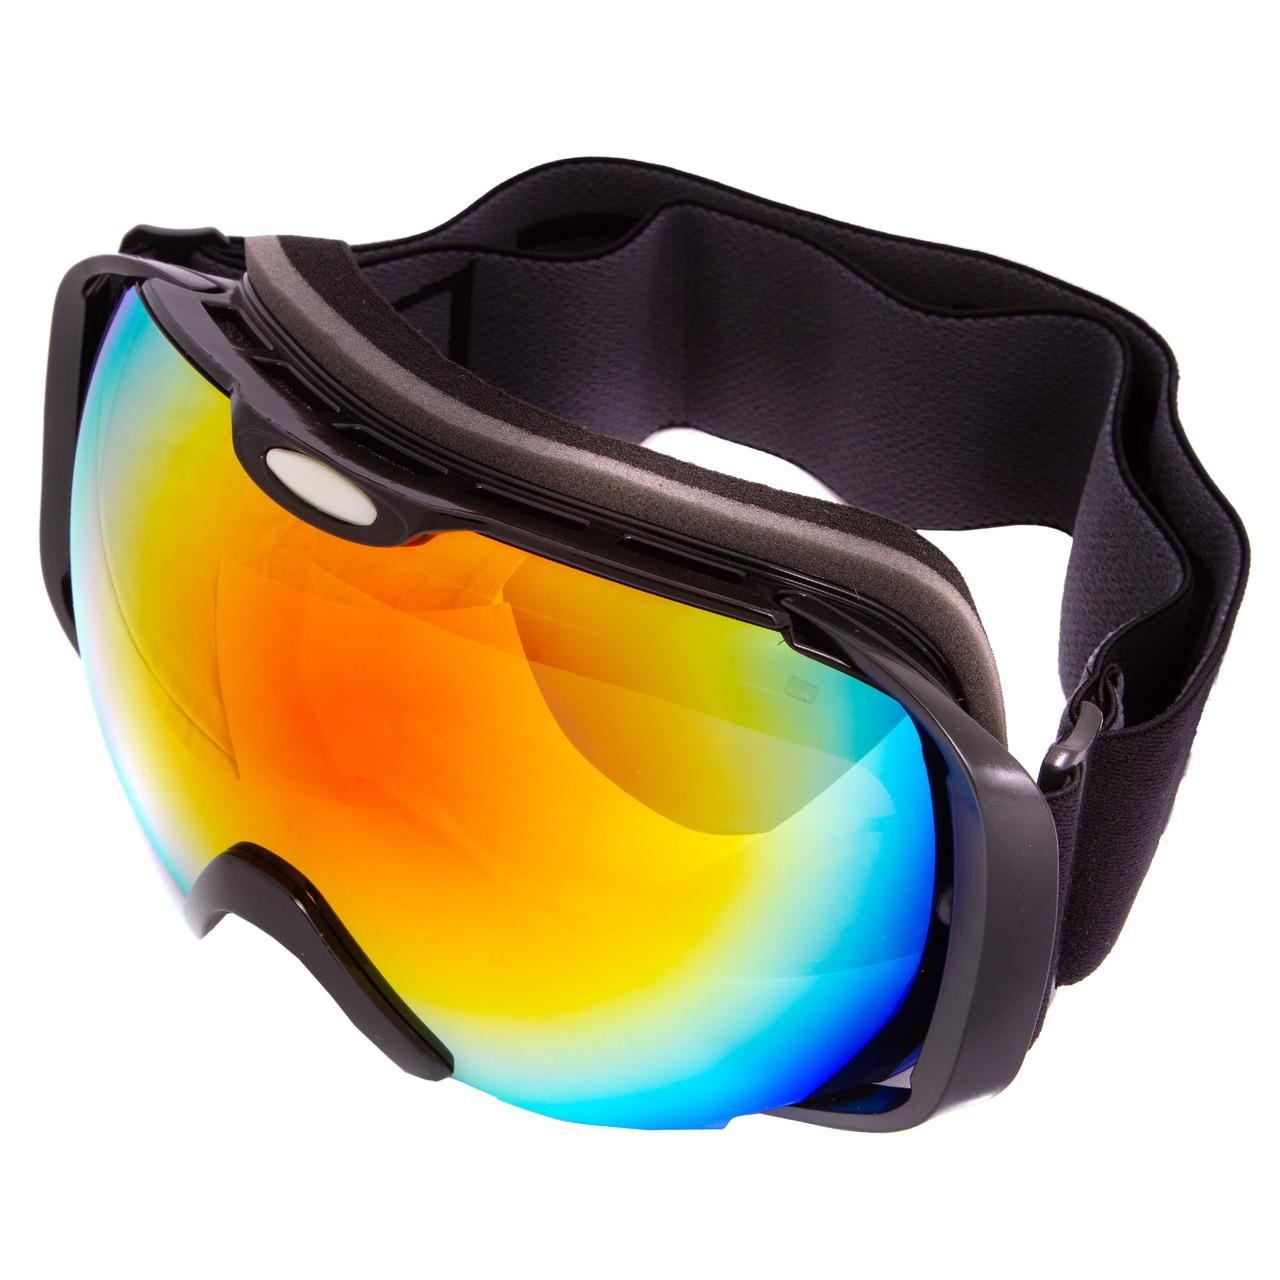 Лыжная маска черная SPOSUNE HX012 (салатовые зеркальные линзы)